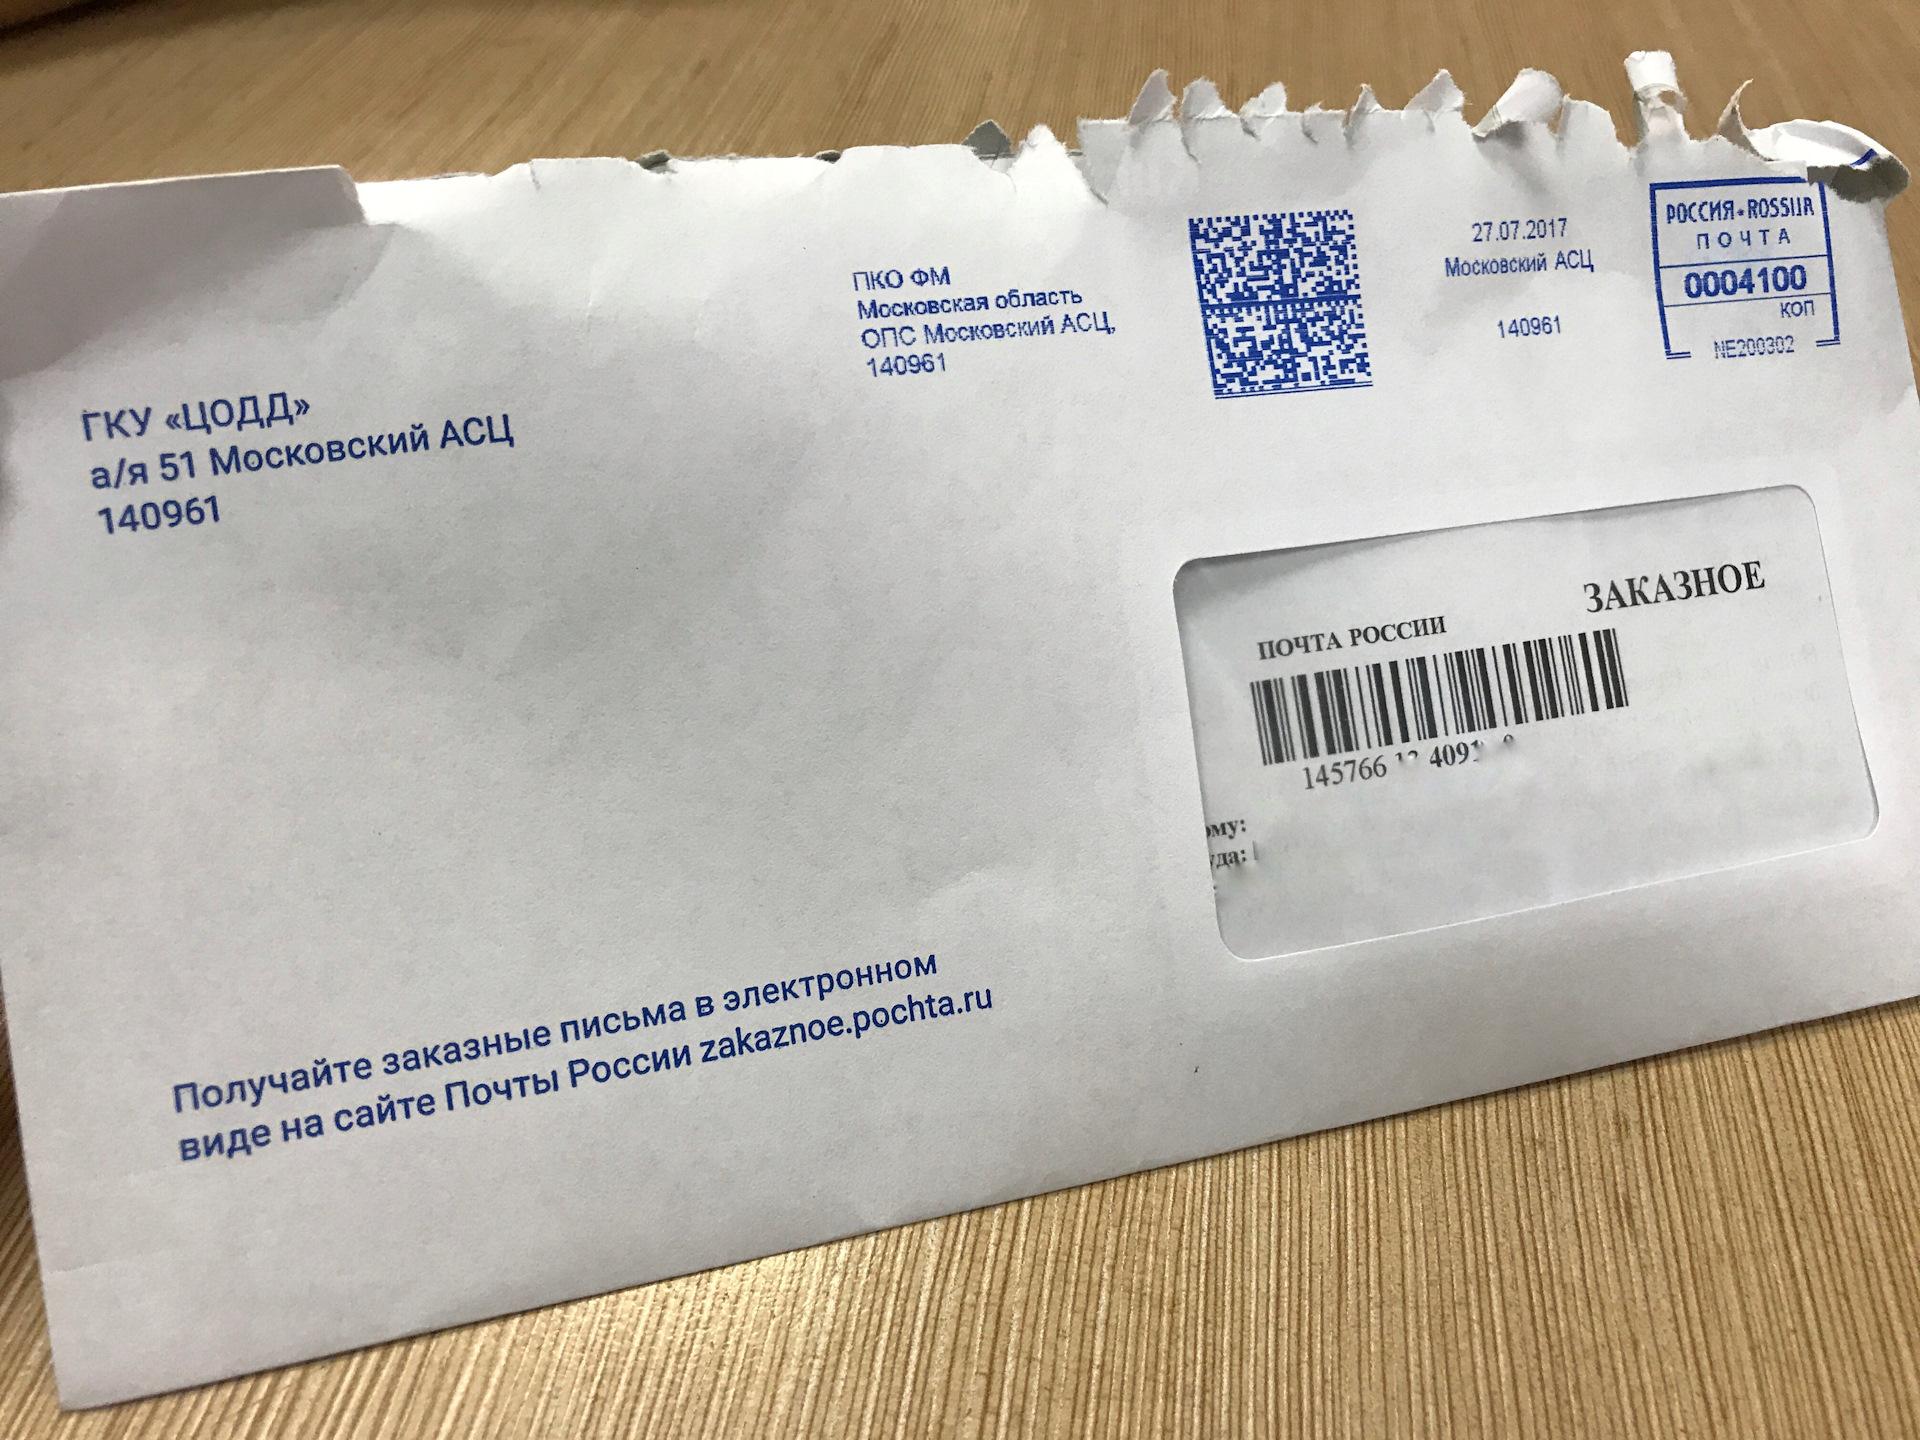 Московский асц: как расшифровать почтовое извещение с ацс- дти, чем занимаются сортировочные центры в москве